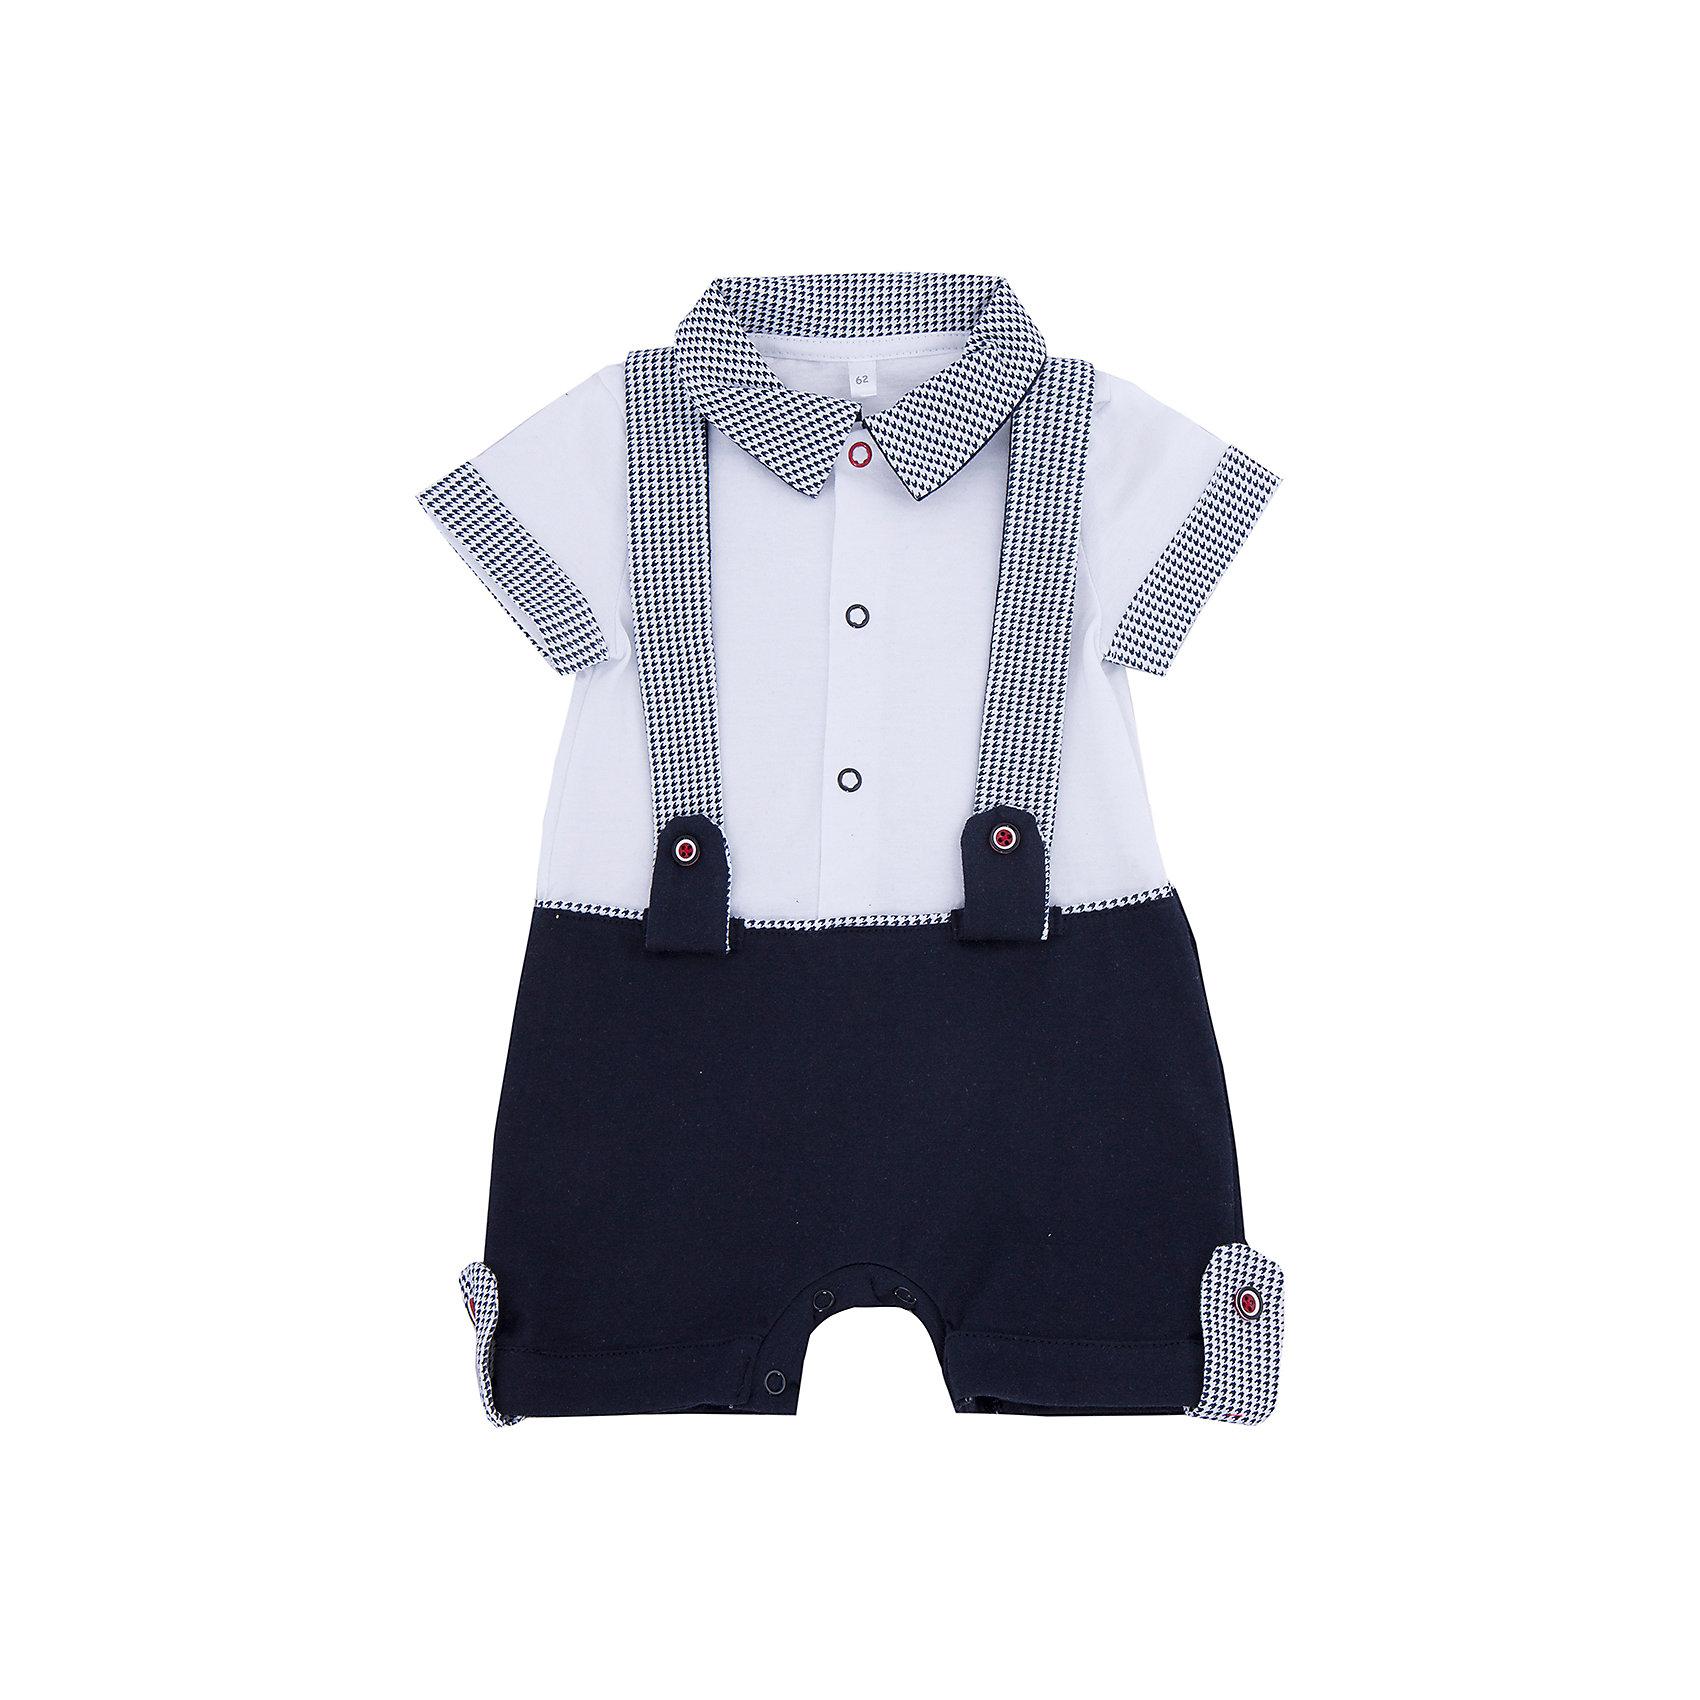 Песочник для мальчика Soni KidsПесочник для мальчика от популярной марки Soni Kids <br> <br>Нарядный и удобный песочник в черно-белой гамме сшит из мягкого дышащего хлопка. Это гипоаллергенный материал, который отлично подходит для детской одежды. Правильный крой обеспечит ребенку удобство, не будет натирать и стеснять движения. <br> <br>Особенности модели: <br> <br>- цвет - белый, черный; <br>- материал - натуральный хлопок; <br>- черная отделка; <br>- имитация подтяжек; <br>- отложной воротник; <br>- рукава короткие, с отделкой; <br>- застежки - кнопки впереди и внизу. <br> <br>Дополнительная информация: <br> <br>Состав: 100% хлопок <br> <br>Песочник для мальчика от популярной марки Soni Kids (Сони Кидс) можно купить в нашем магазине.<br><br>Ширина мм: 157<br>Глубина мм: 13<br>Высота мм: 119<br>Вес г: 200<br>Цвет: белый/черный<br>Возраст от месяцев: 2<br>Возраст до месяцев: 5<br>Пол: Мужской<br>Возраст: Детский<br>Размер: 62,68,86,80,74<br>SKU: 4545033